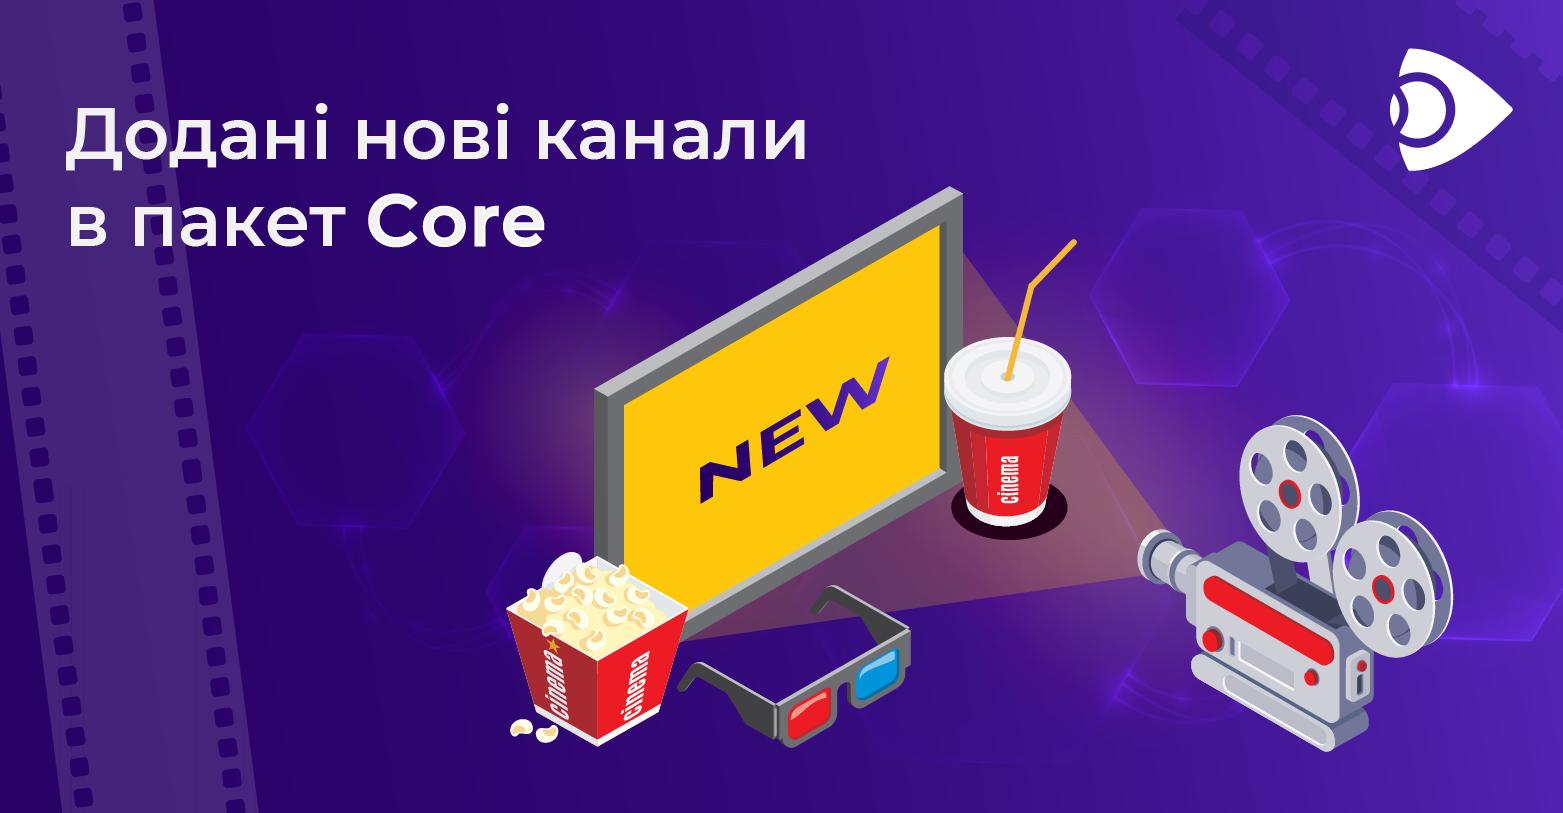 Ще більше каналів в пакеті «Core»